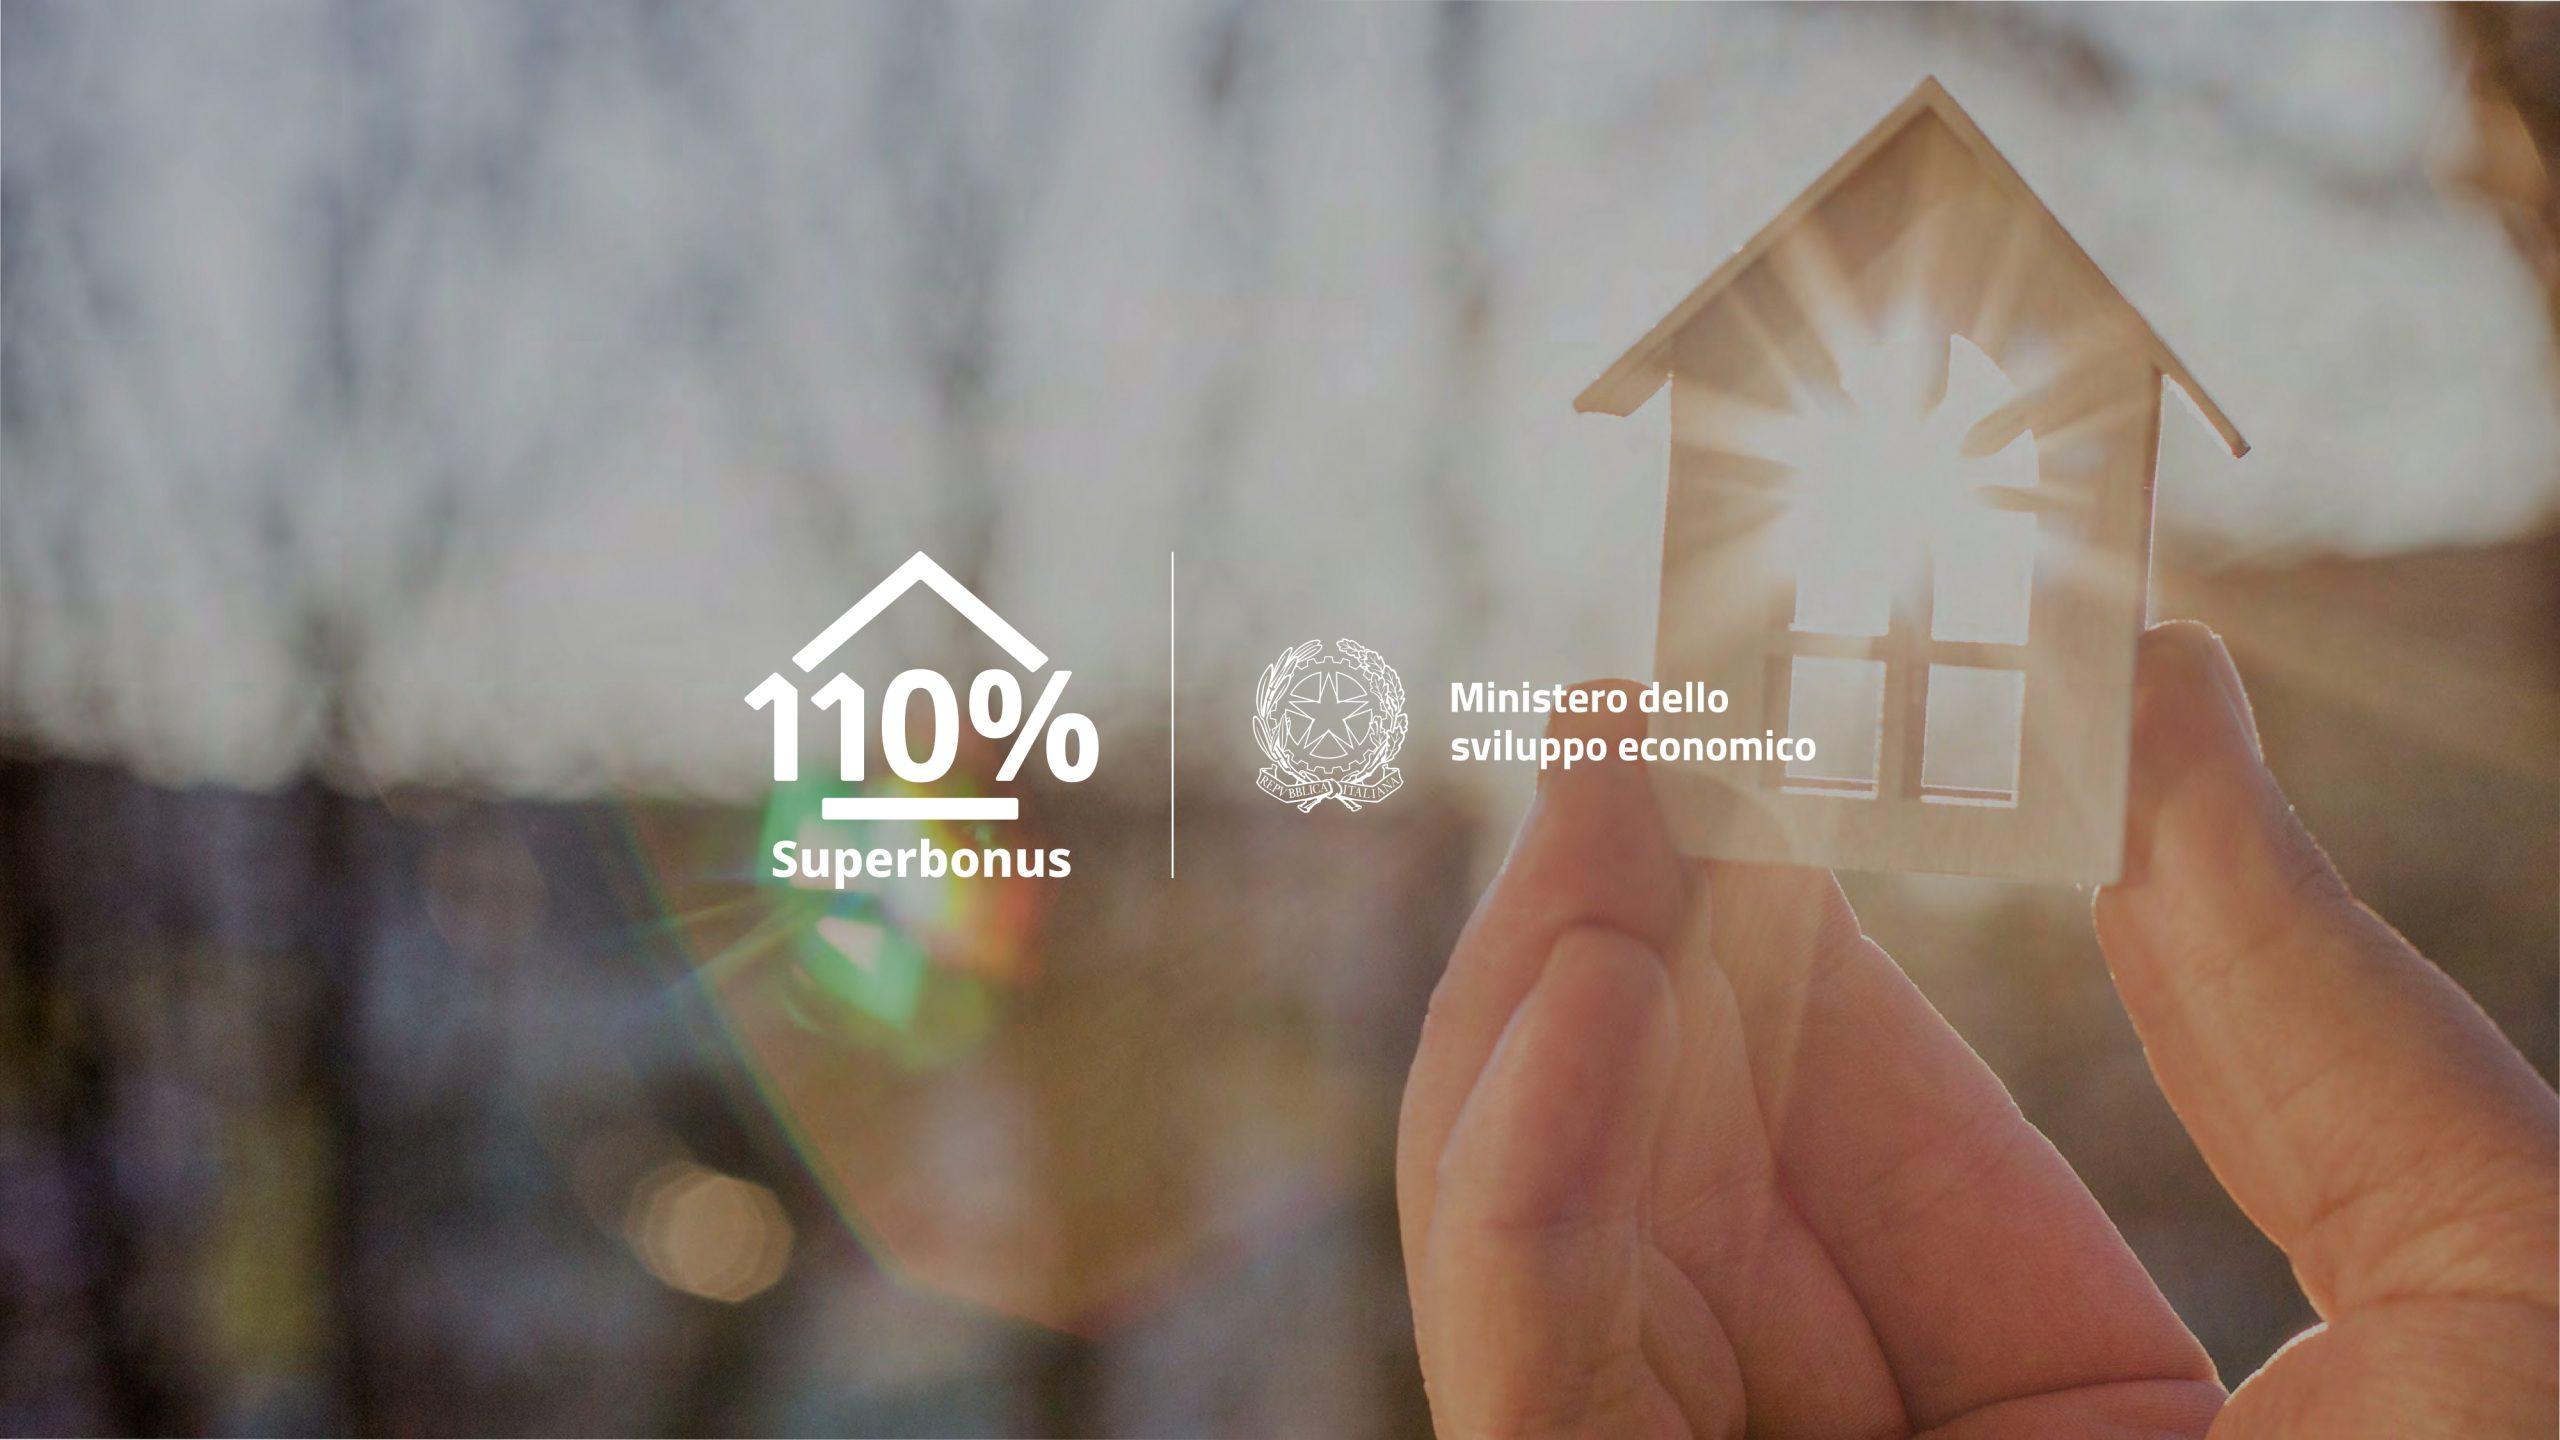 Superbonus al 110 per cento: la grande occasione o il grande bluff?